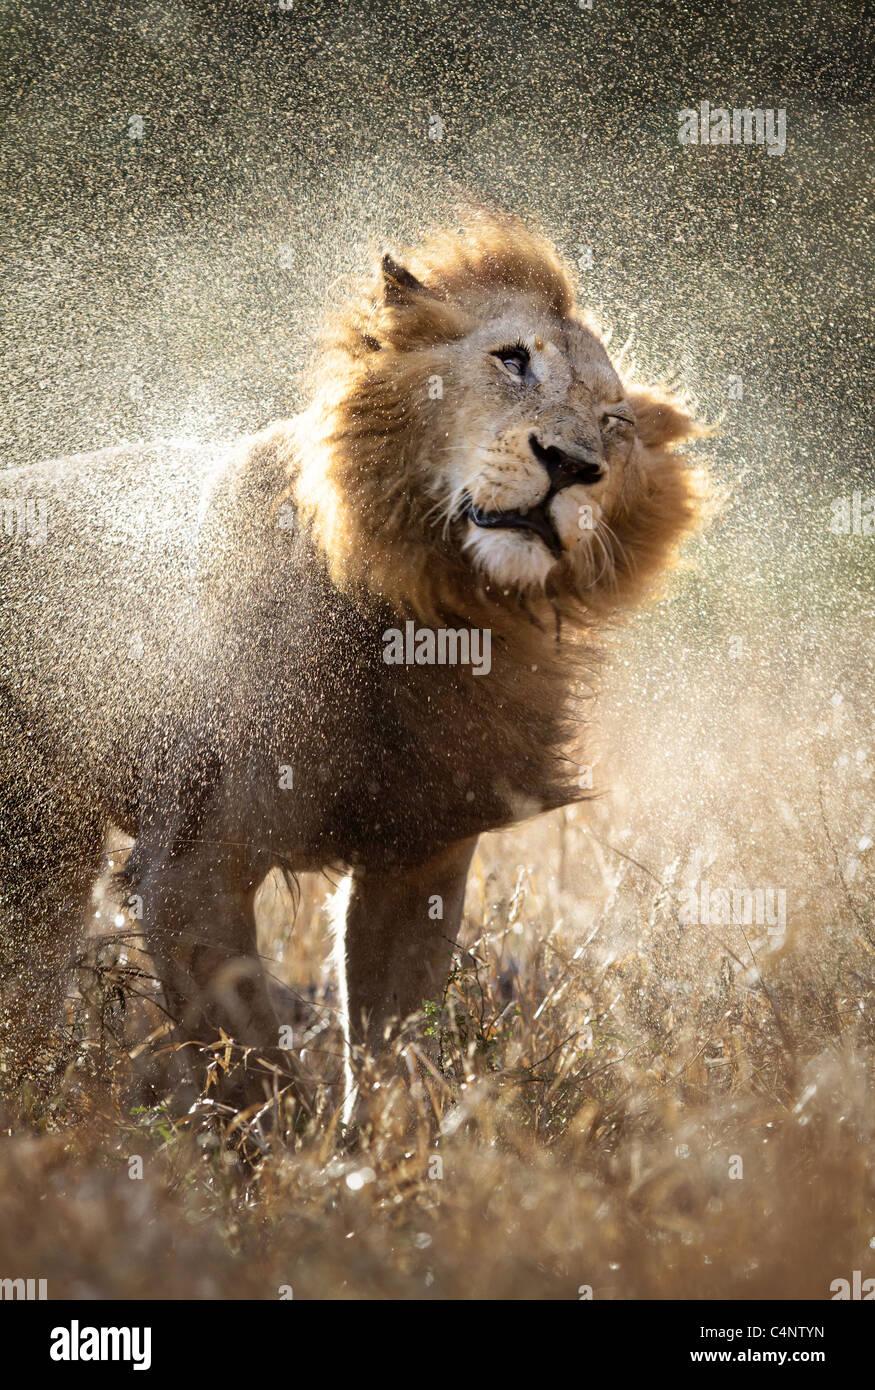 León macho sacude el agua después de una tormenta - Parque Nacional Kruger - Sudáfrica Imagen De Stock